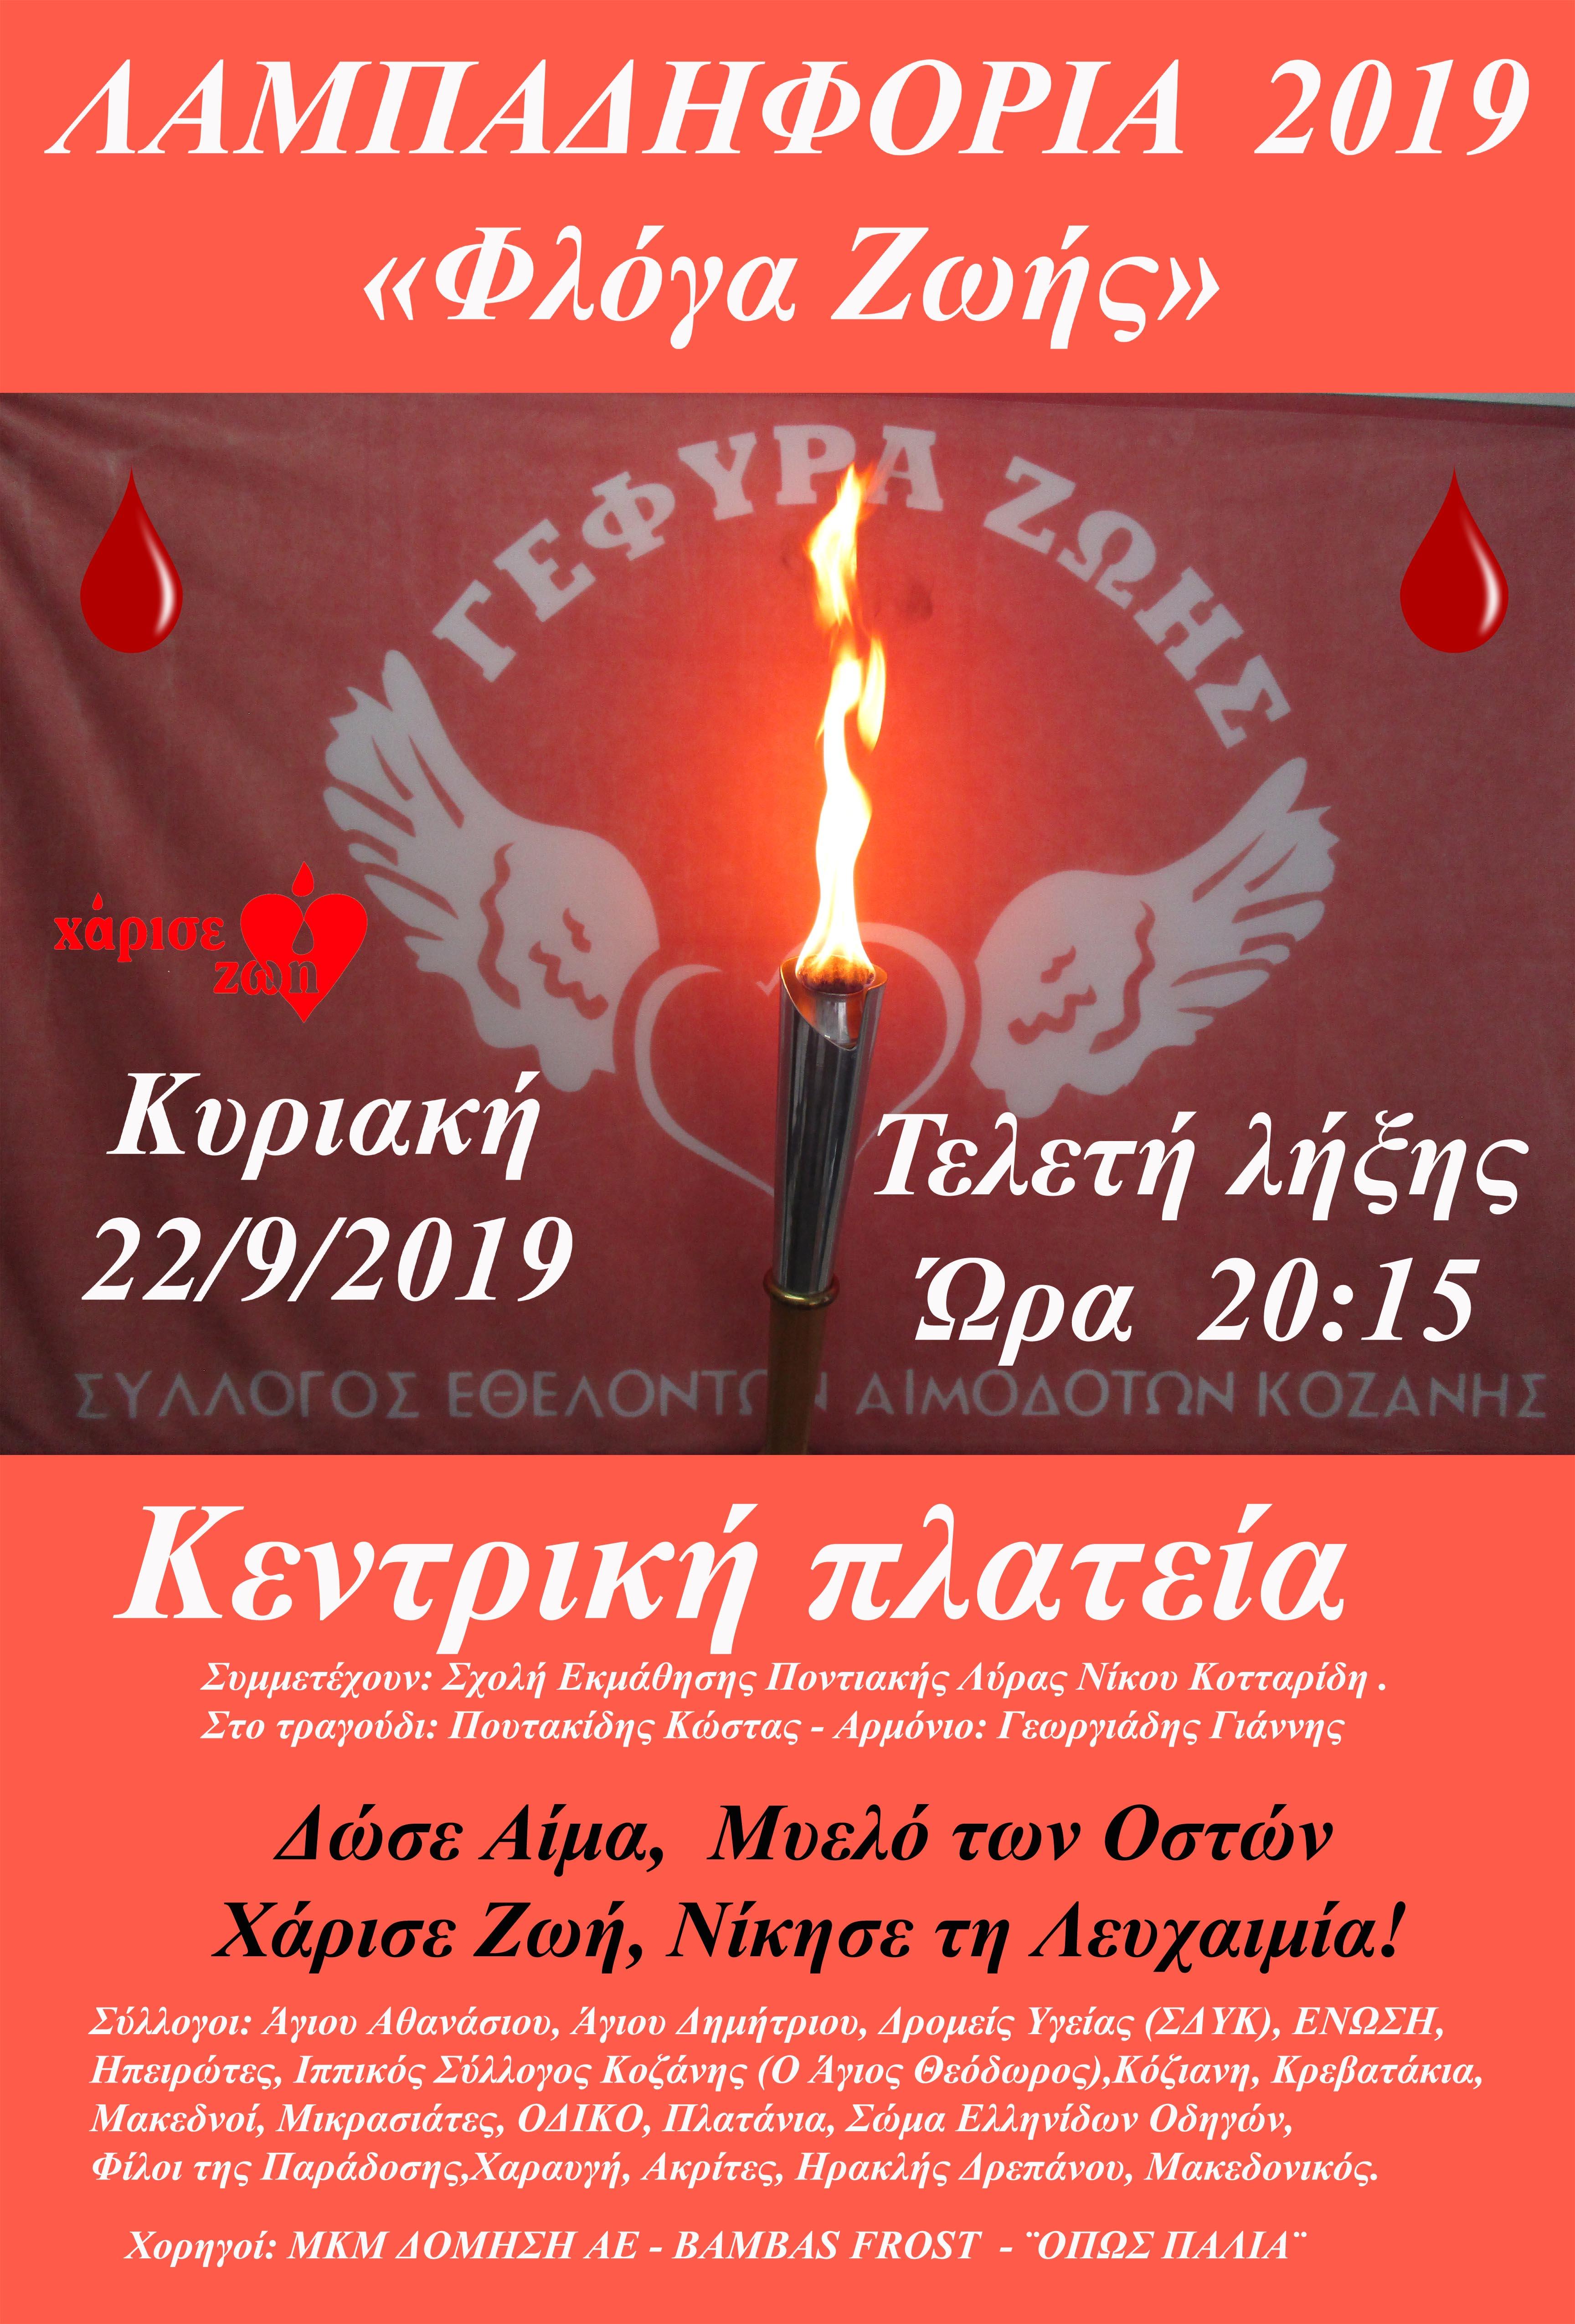 Σύλλογος Αιμοδοτών Κοζάνης